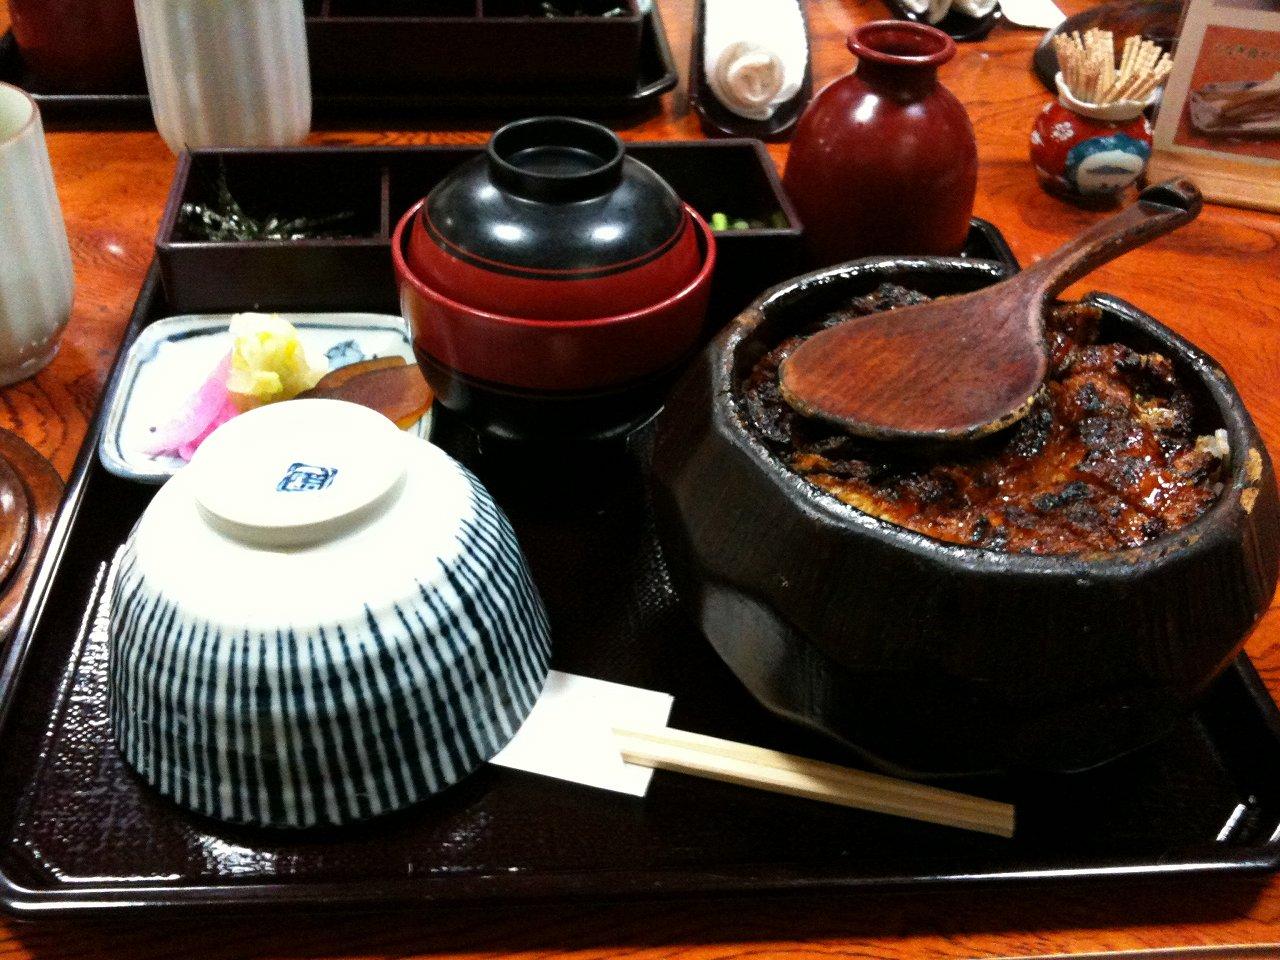 20110212_suzukacircuit_24.jpg